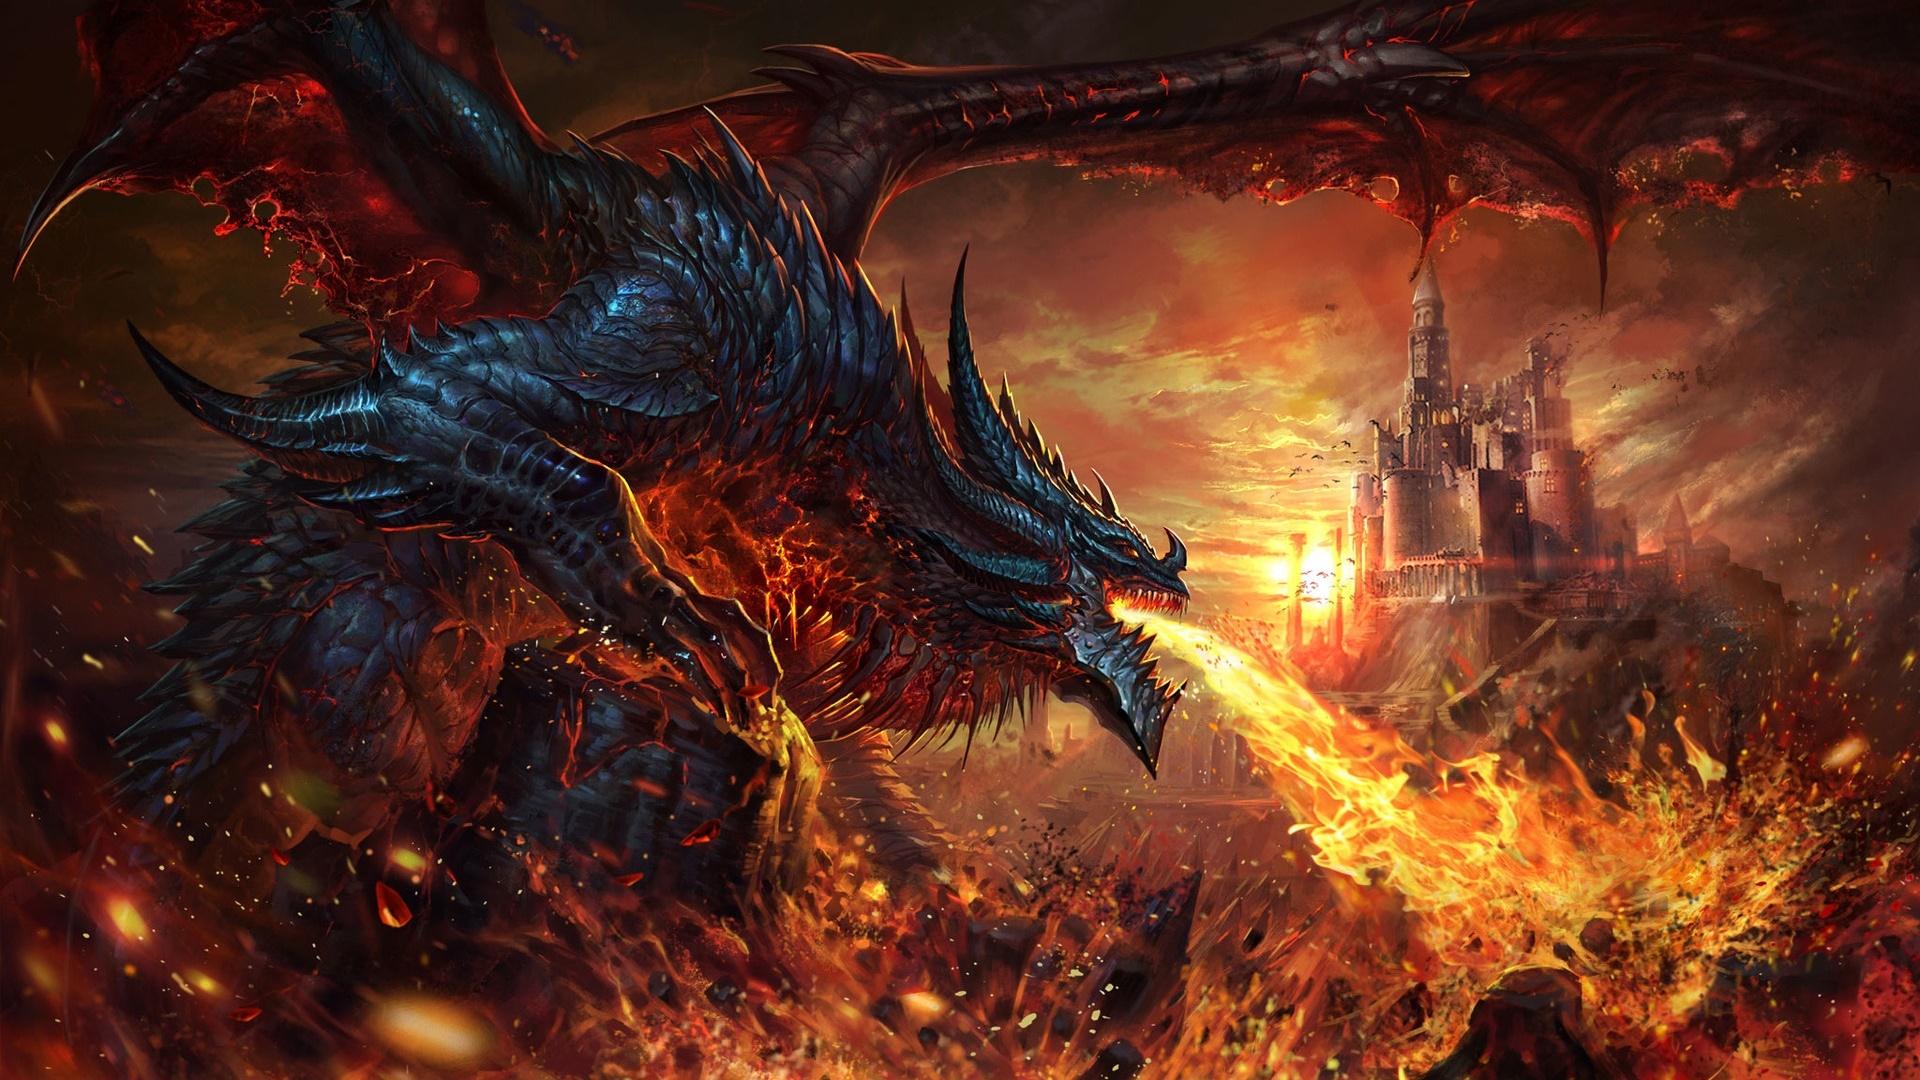 Fire breath dragon wallpaper